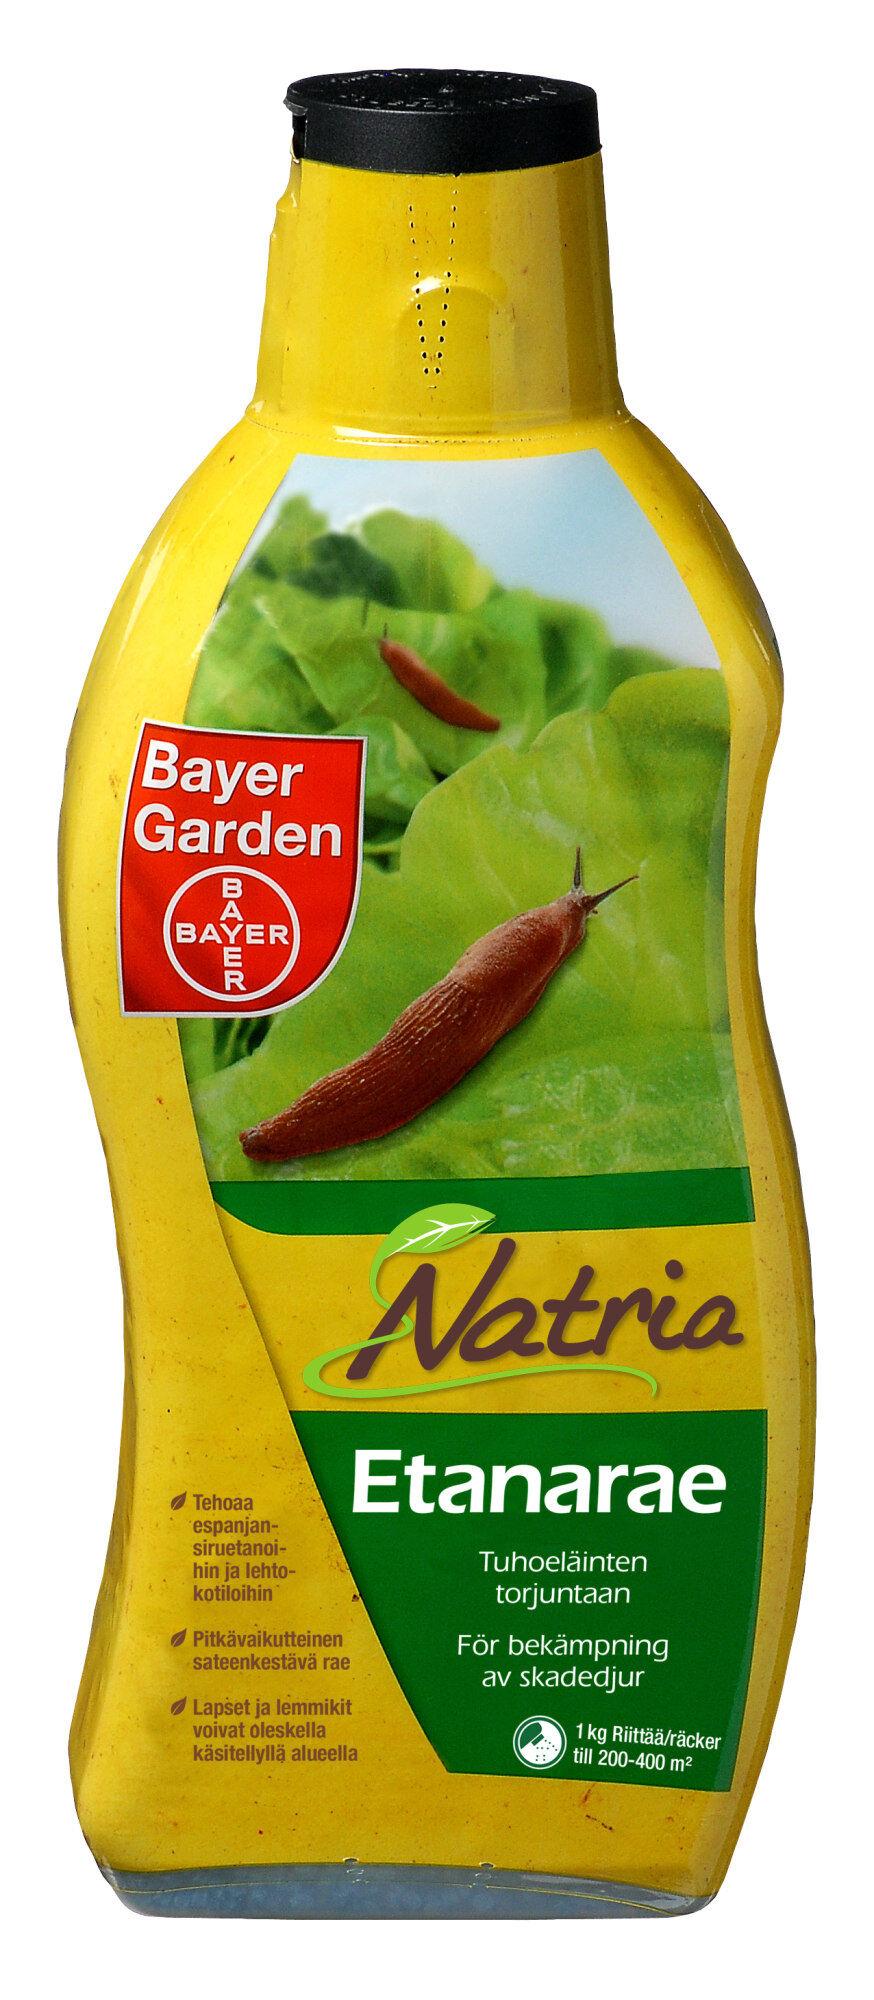 Natria  1kg etanarae